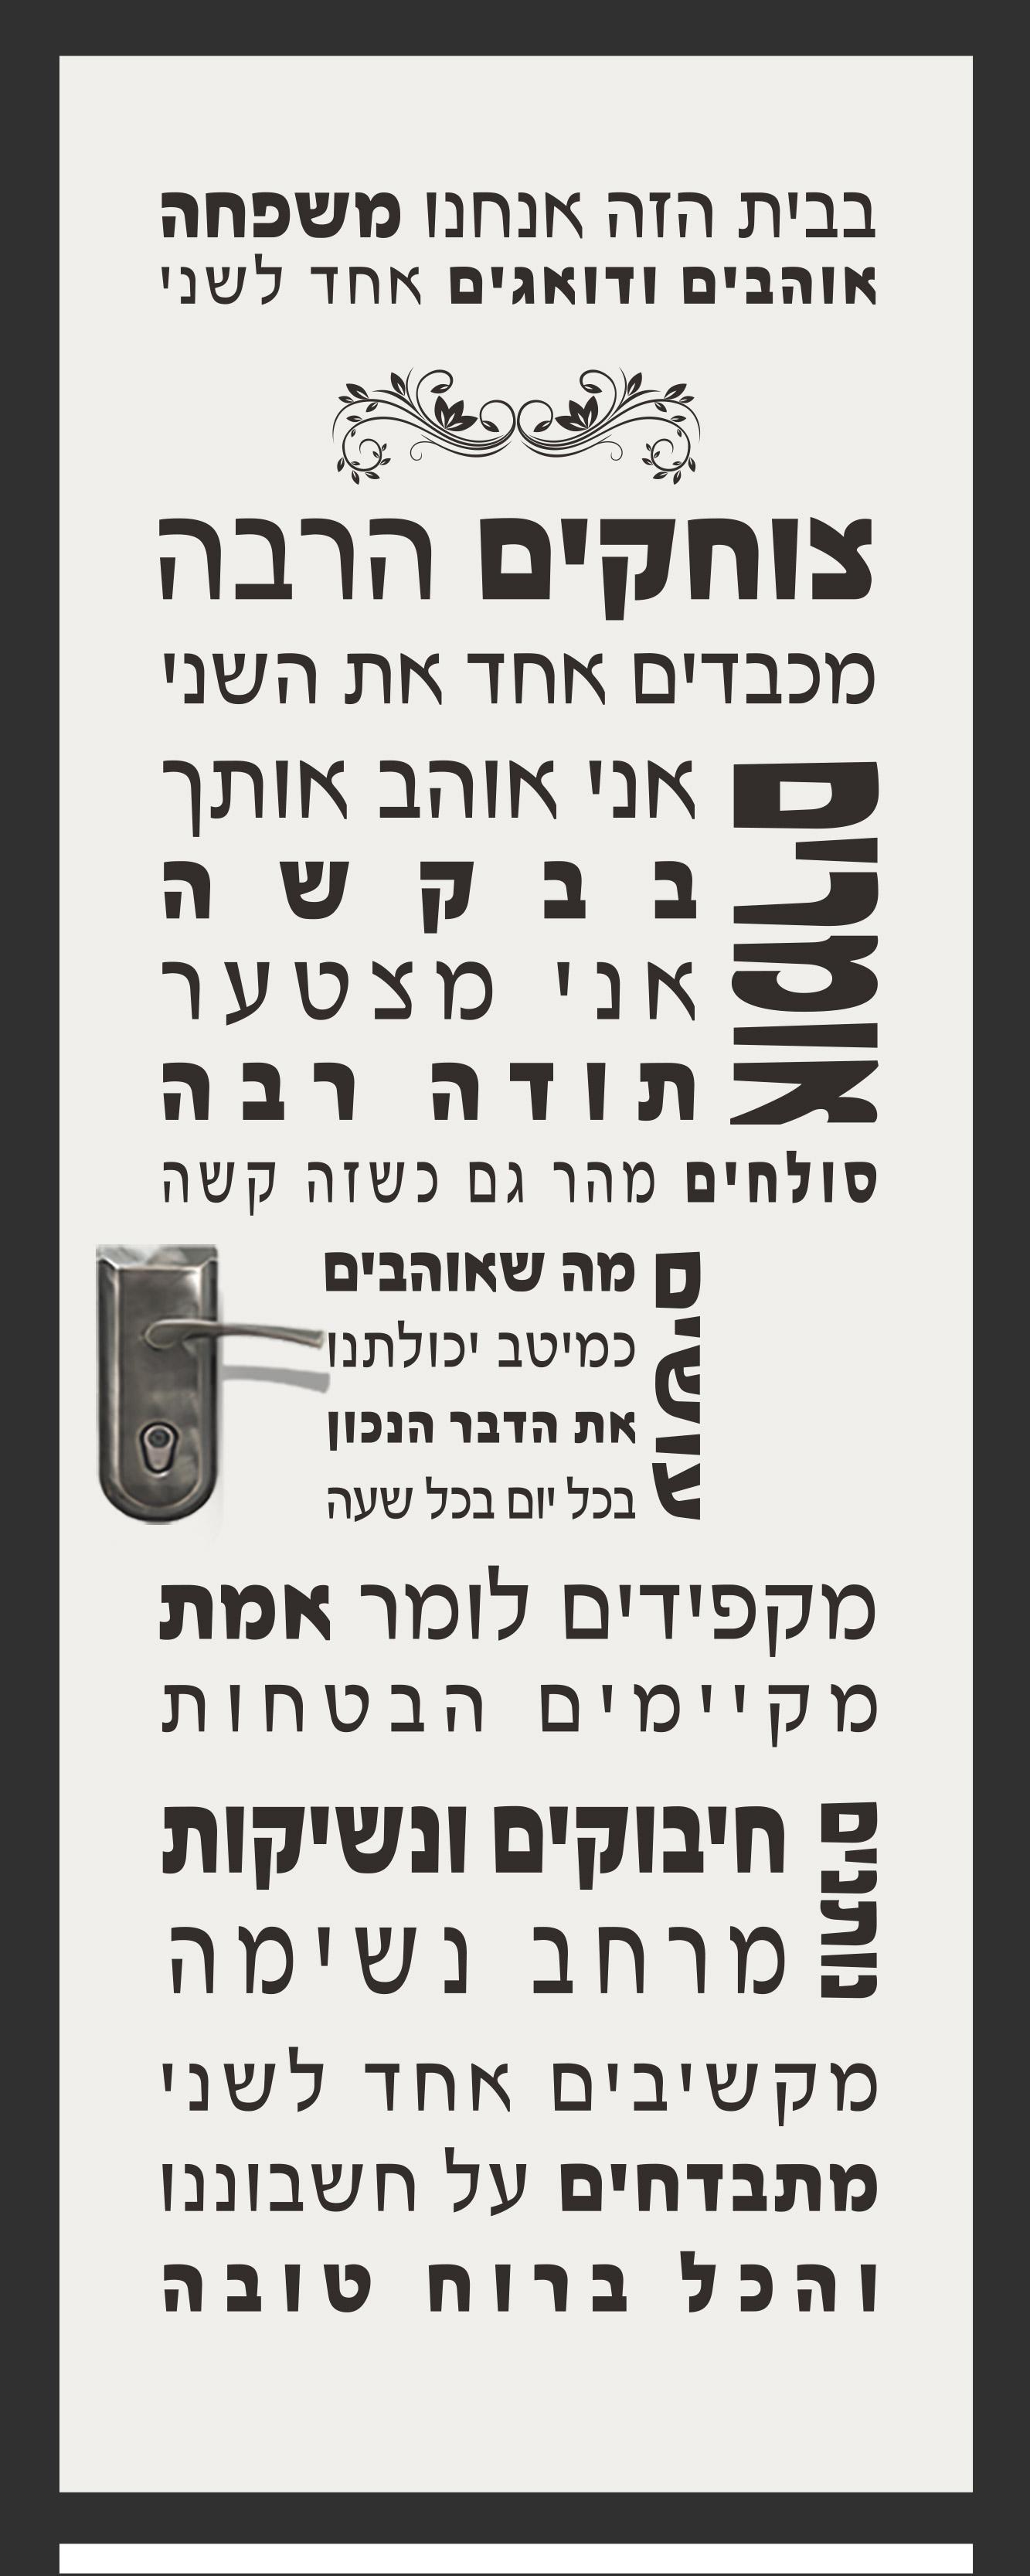 דלת עם ערכים עברית שחור לבן